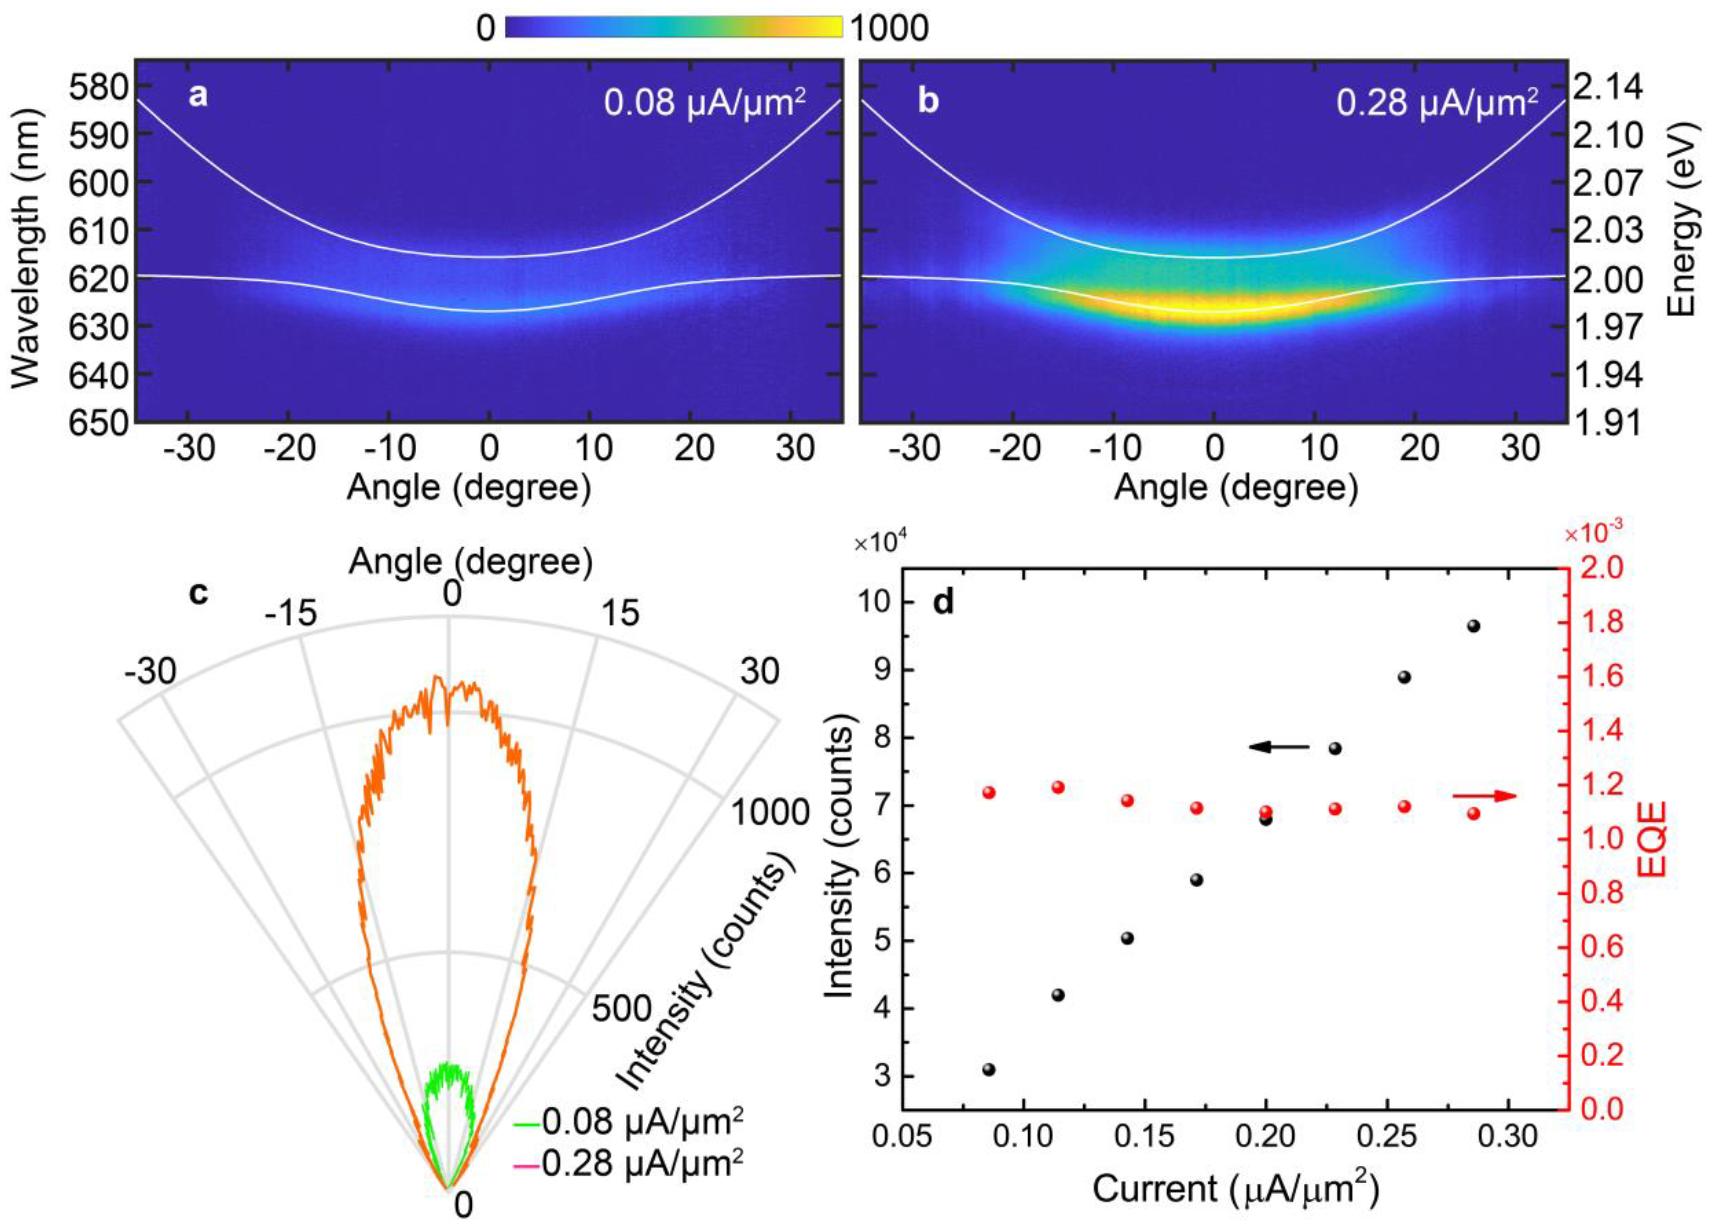 Будущее Li-Fi: поляритоны, экситоны, фотоны и немного дисульфида вольфрама - 4